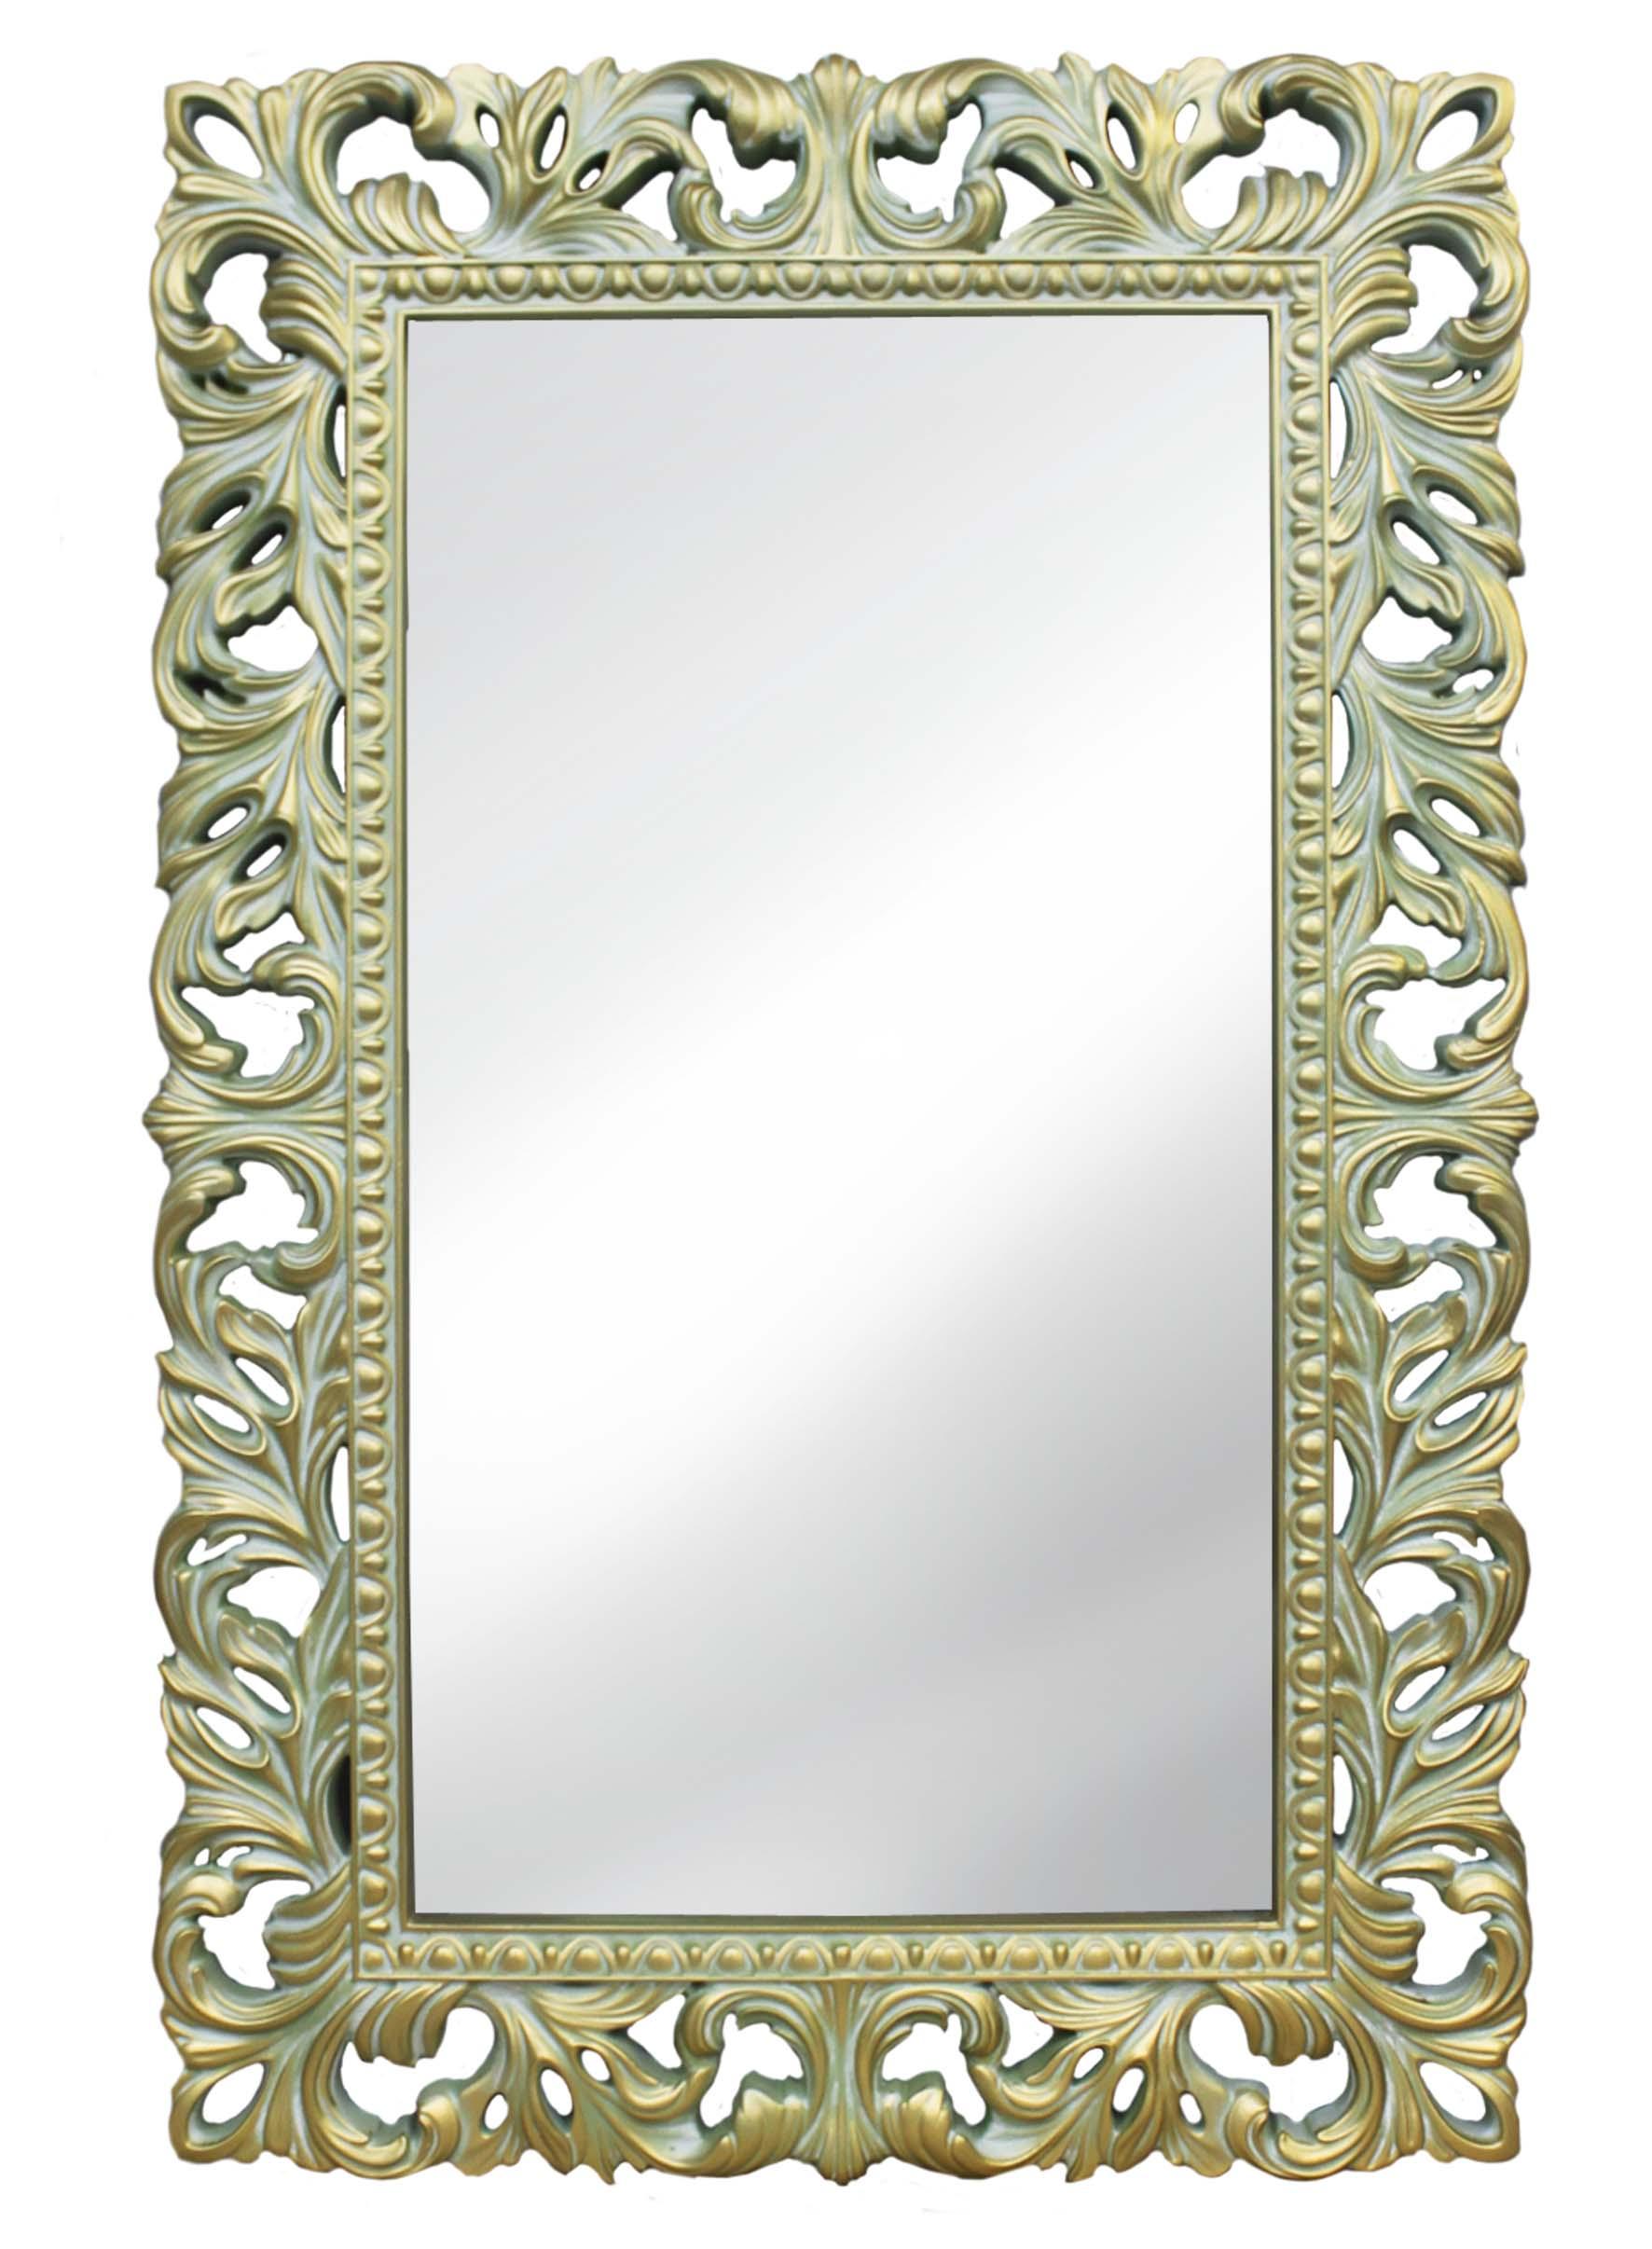 Купить Интерьерное итальянское зеркало, inmyroom, Россия